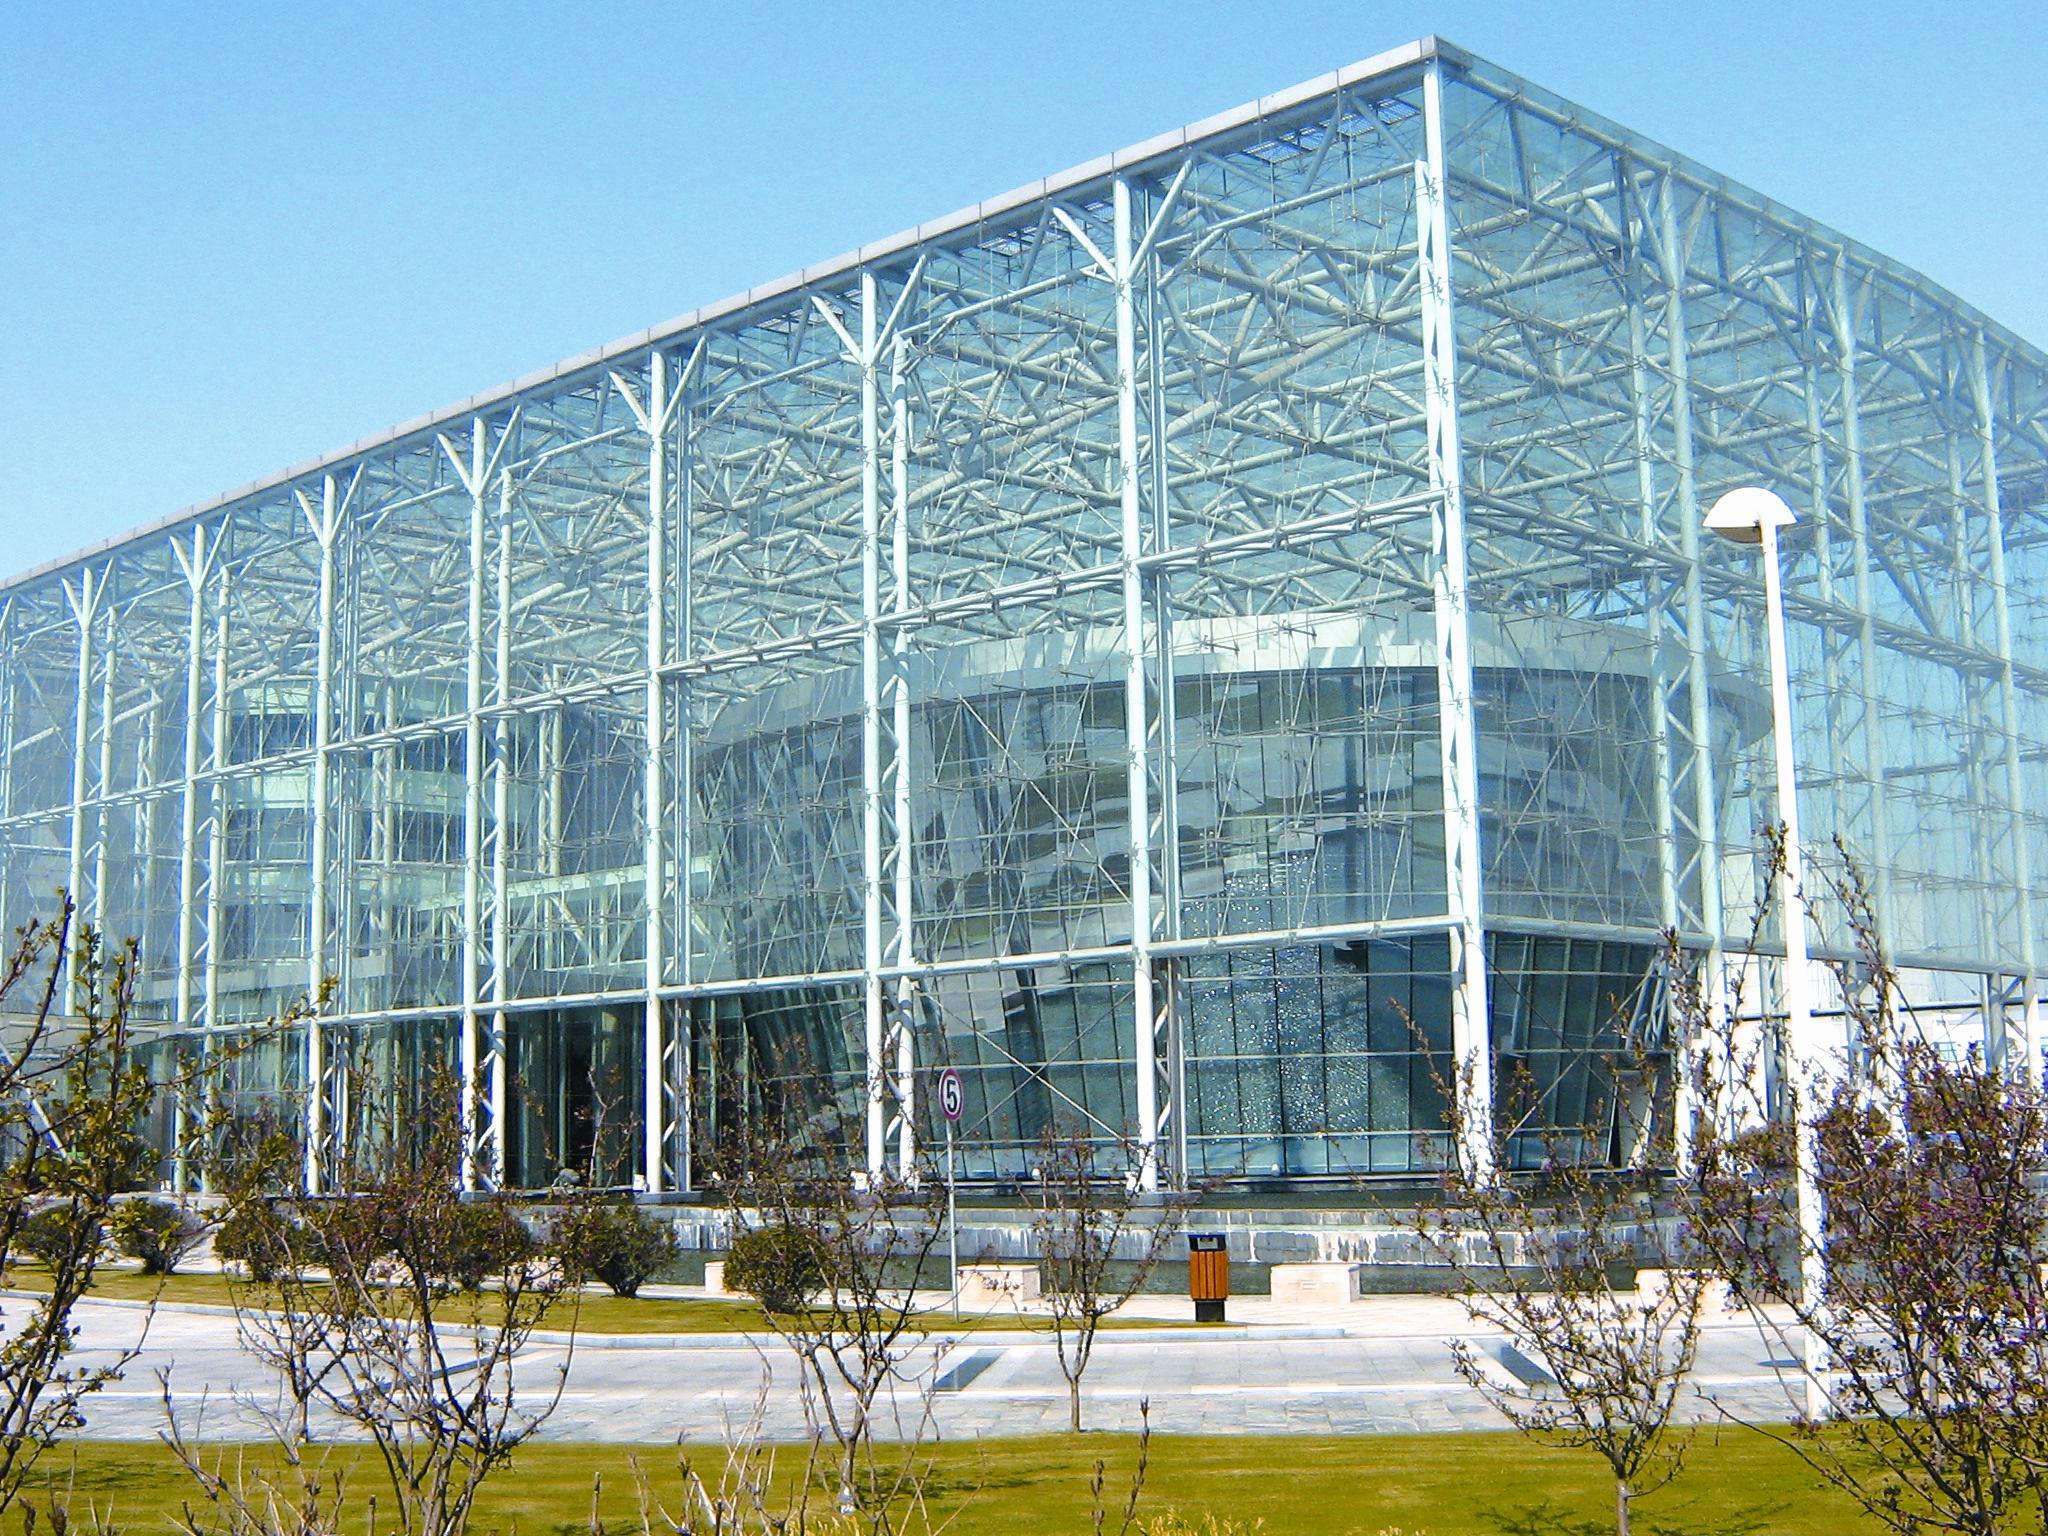 保定钢结构加工厂为大家介绍钢结构厂房施工